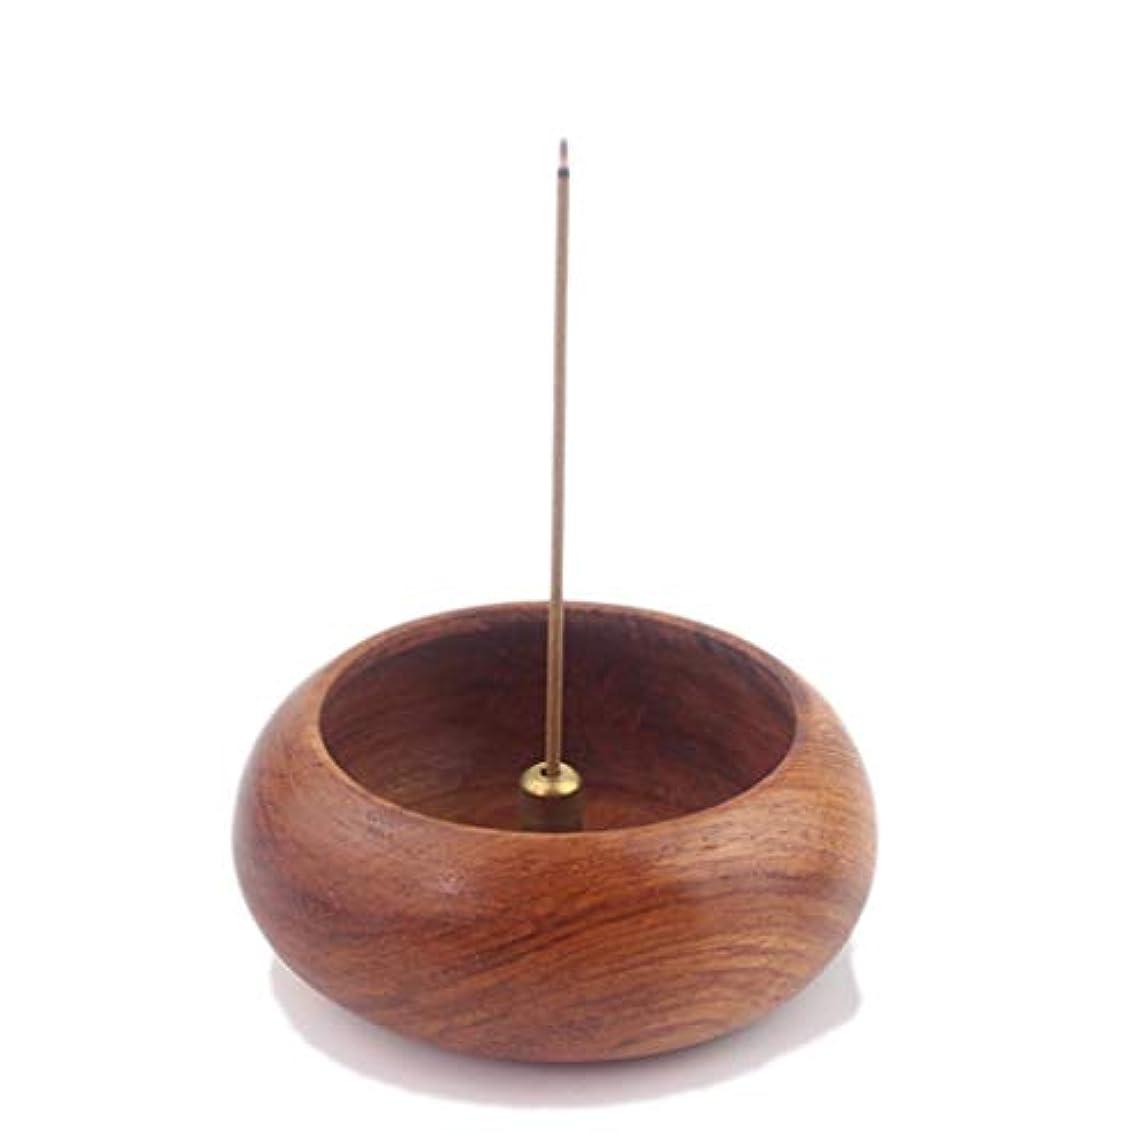 幅レイプ閉じ込めるローズウッドボウル型香炉ホルダーキャンドルアロマセラピー炉香ホルダーホームリビングルーム香バーナー装飾 (Color : Wood, サイズ : 6.2*2.4cm)